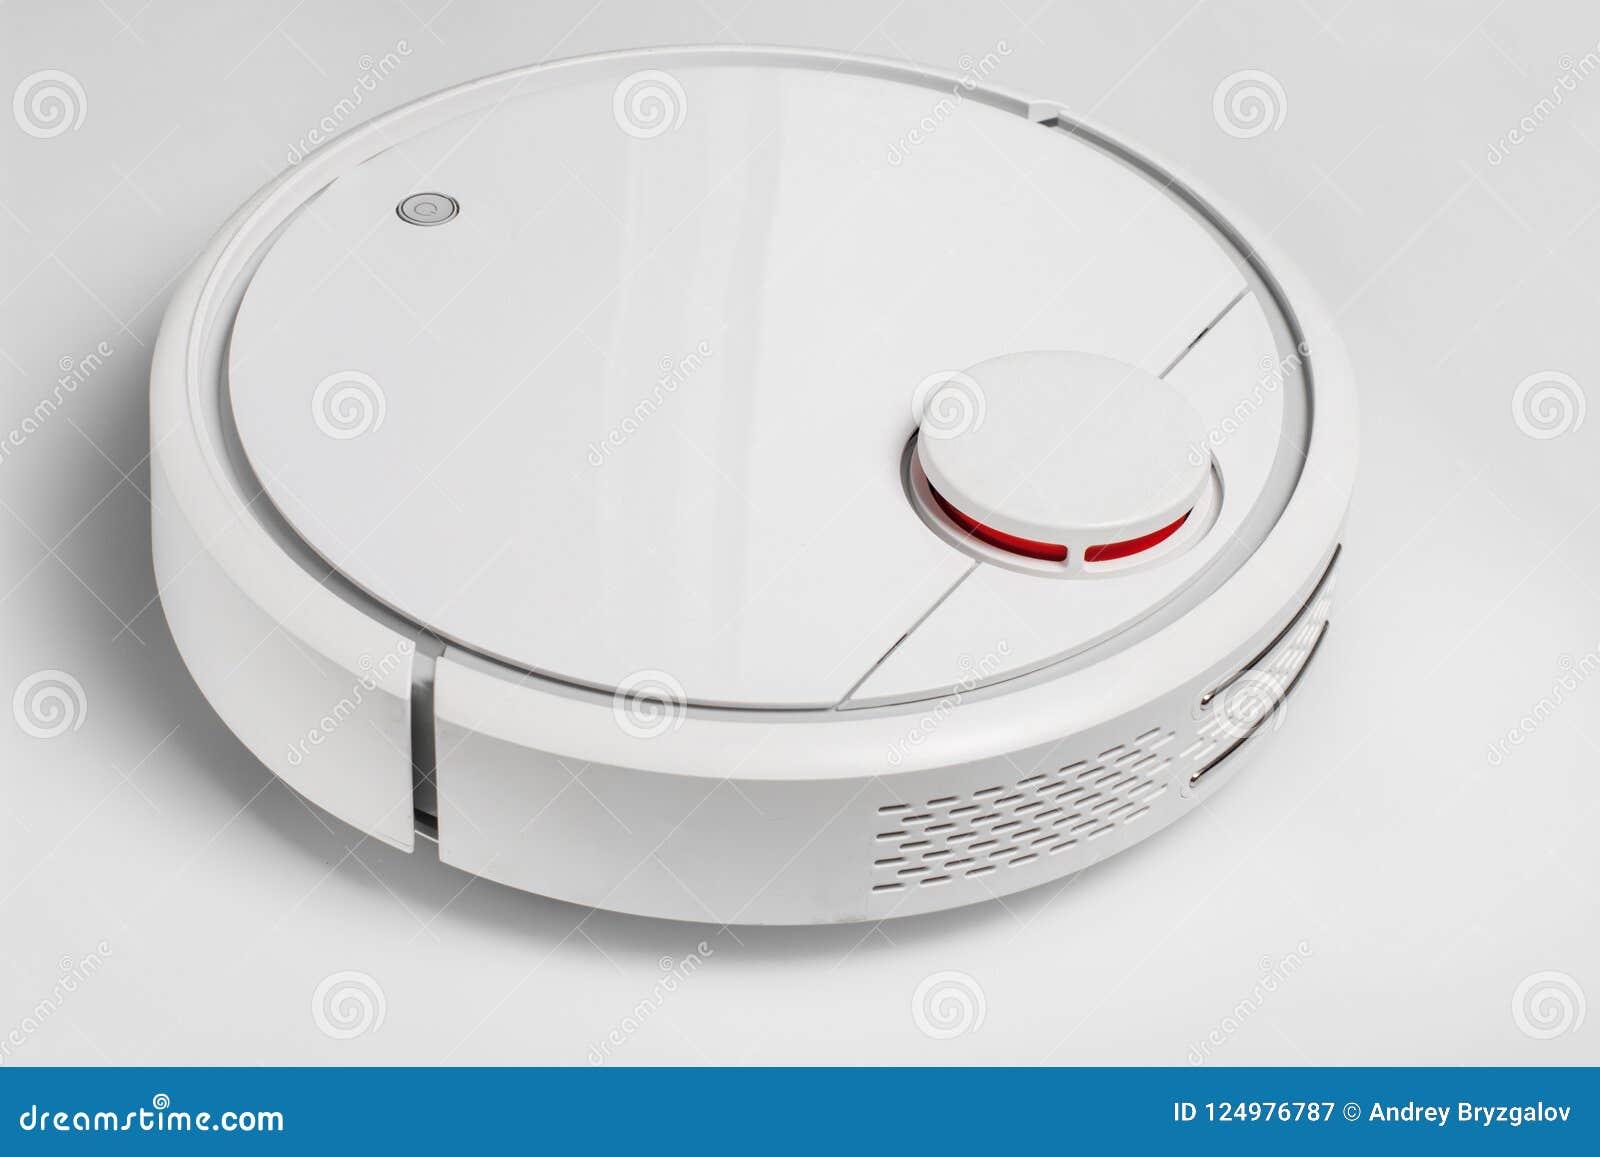 Weißer Roboterstaubsauger Der Roboter wird durch Sprachsteuerungen für direkte Reinigung gesteuert Moderne Technologie der intell